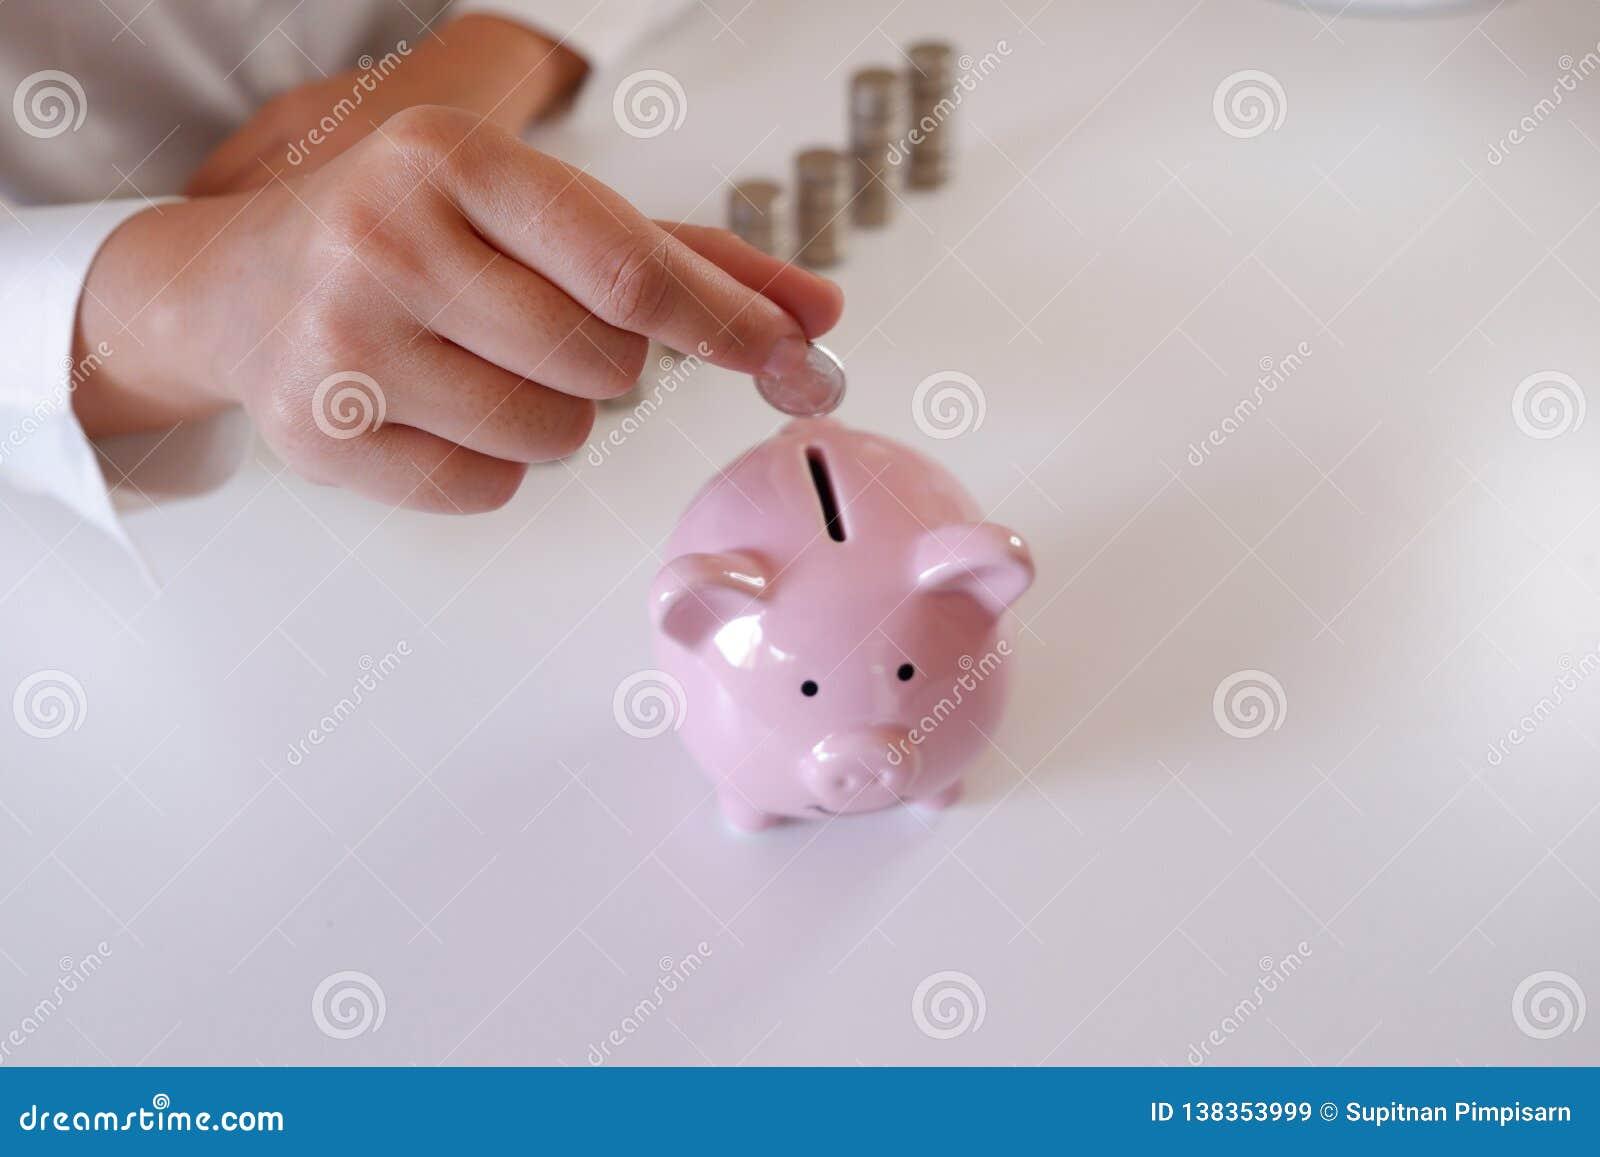 Предприниматель вводя монетки в копилку со стогом монеток над столом